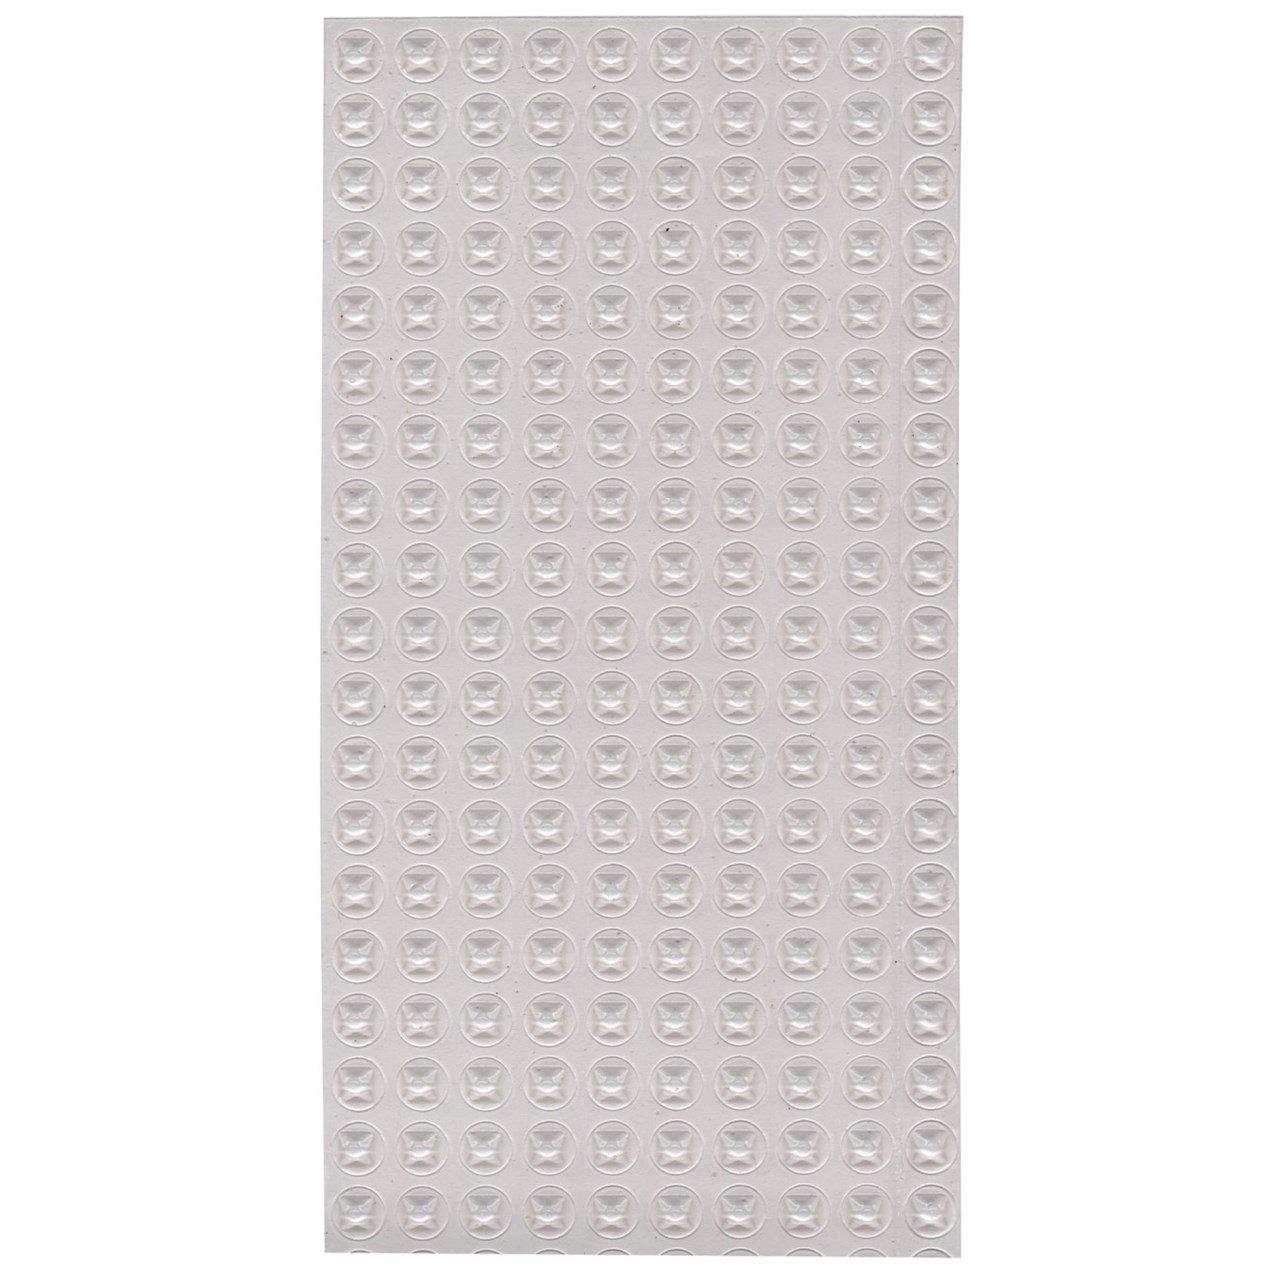 Bump Dots-Pyramidal-Clear-Med-200pk